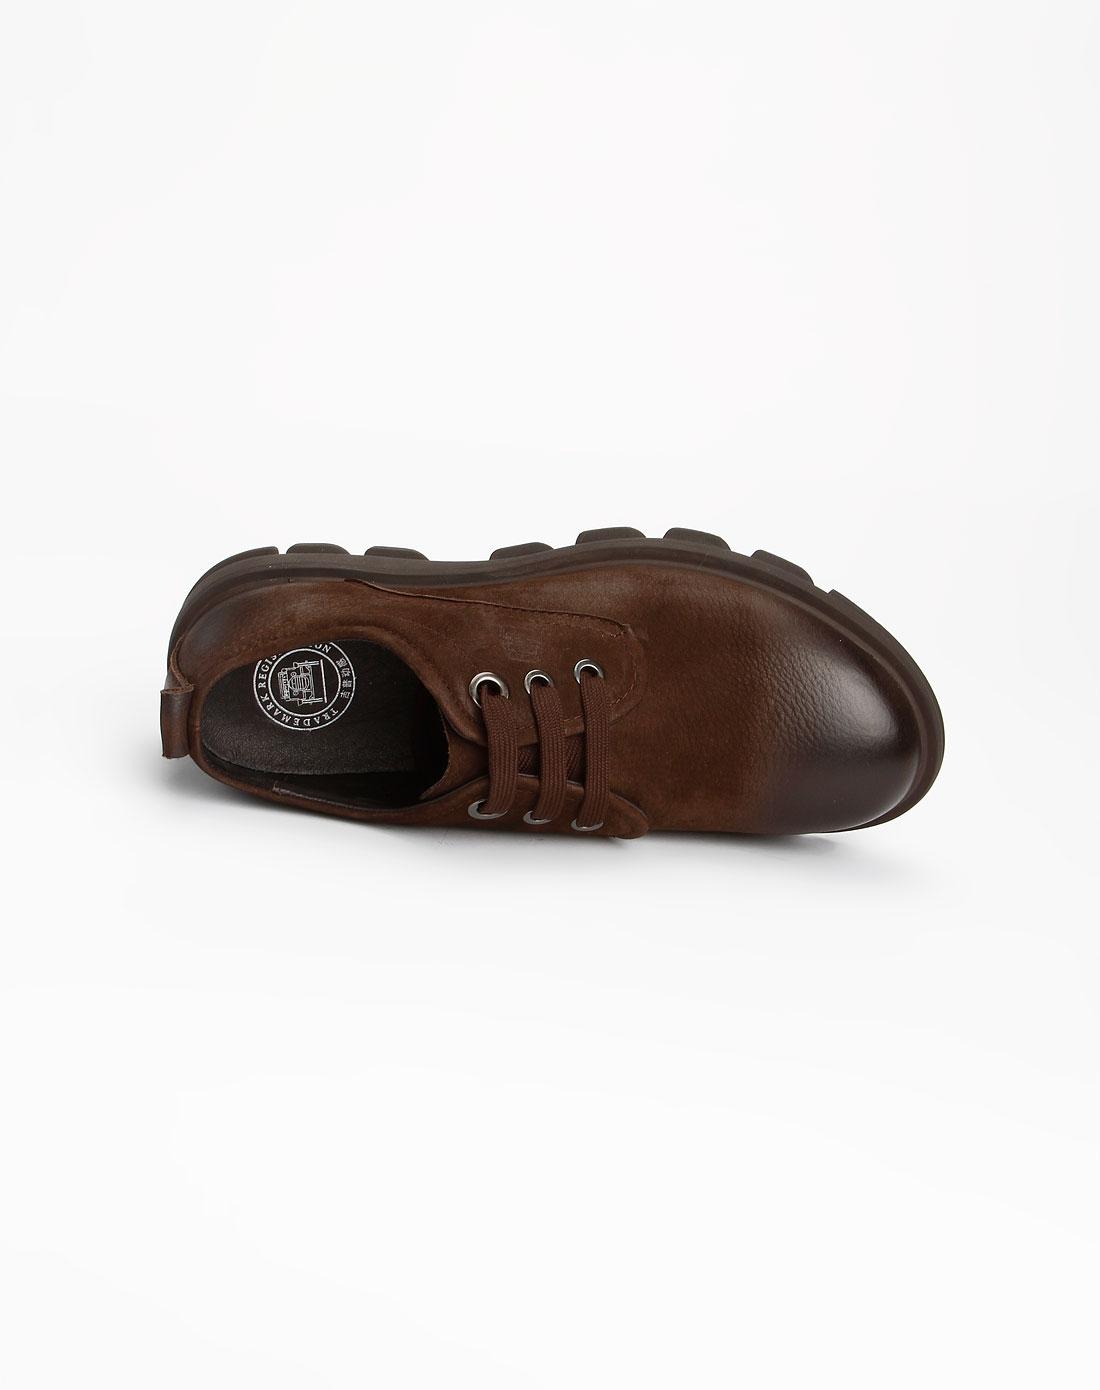 吉普动感男款棕色单鞋113508575005